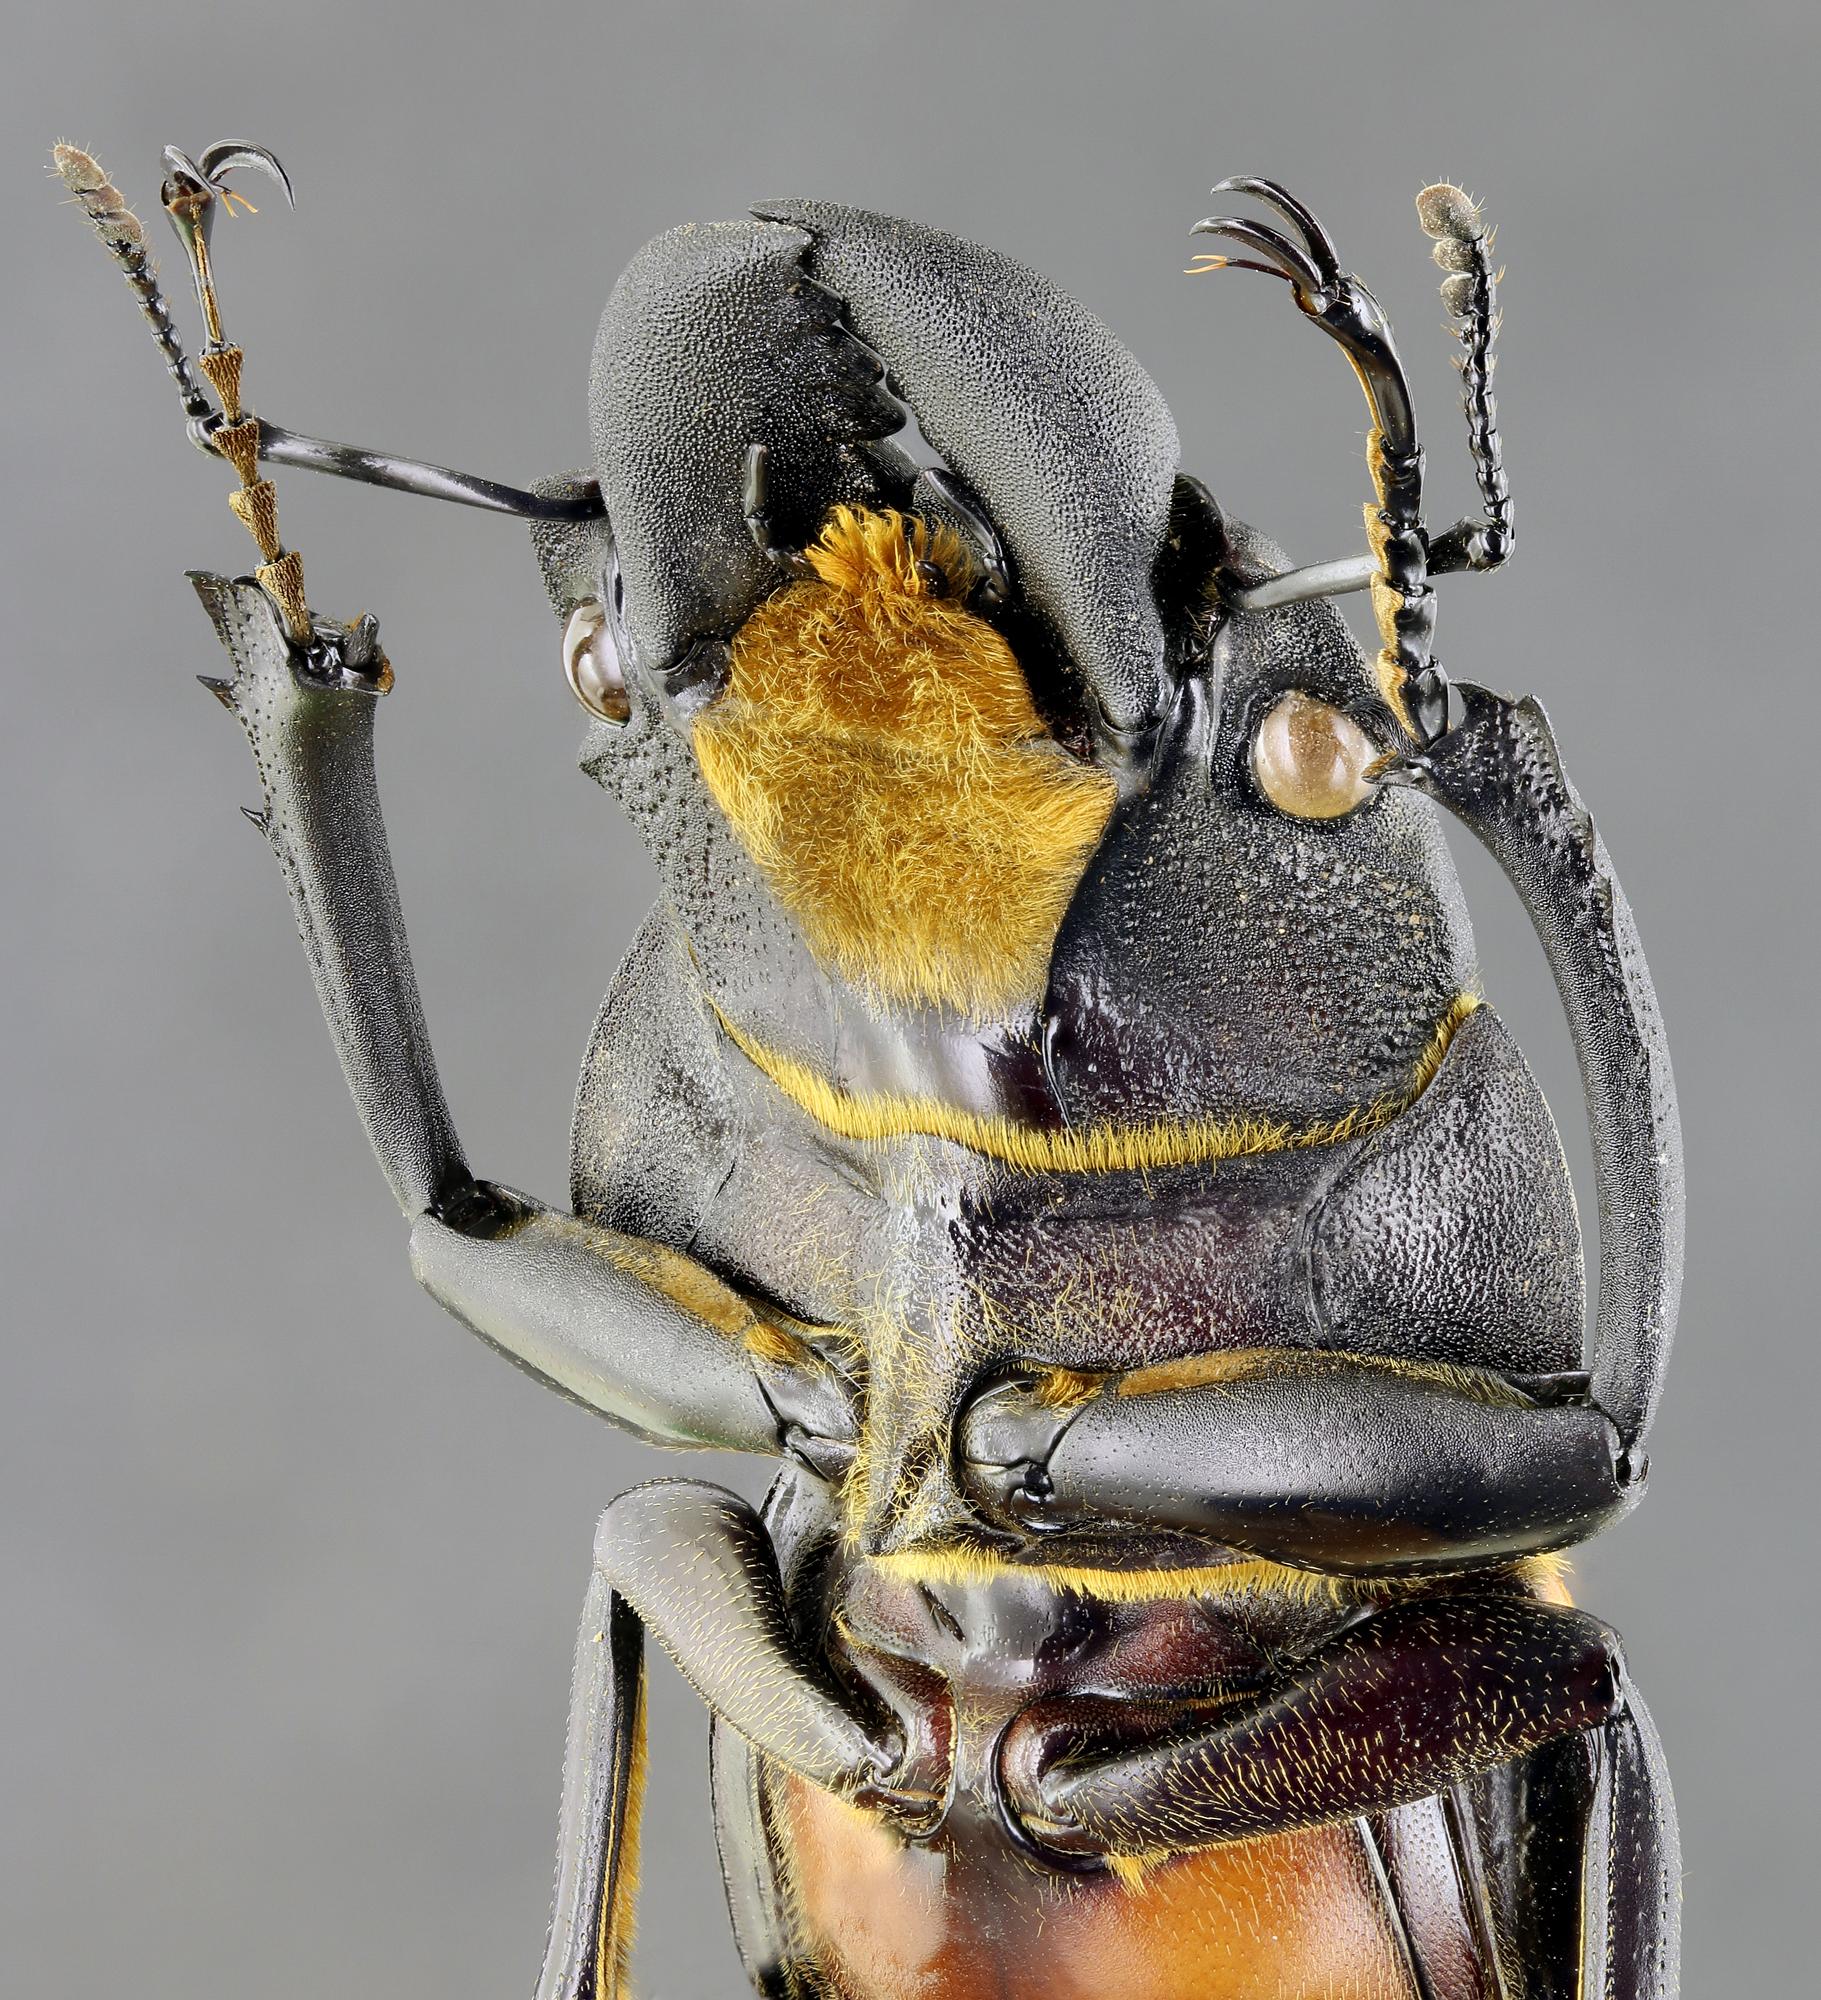 Odontolabis sommeri 68033zs55.jpg